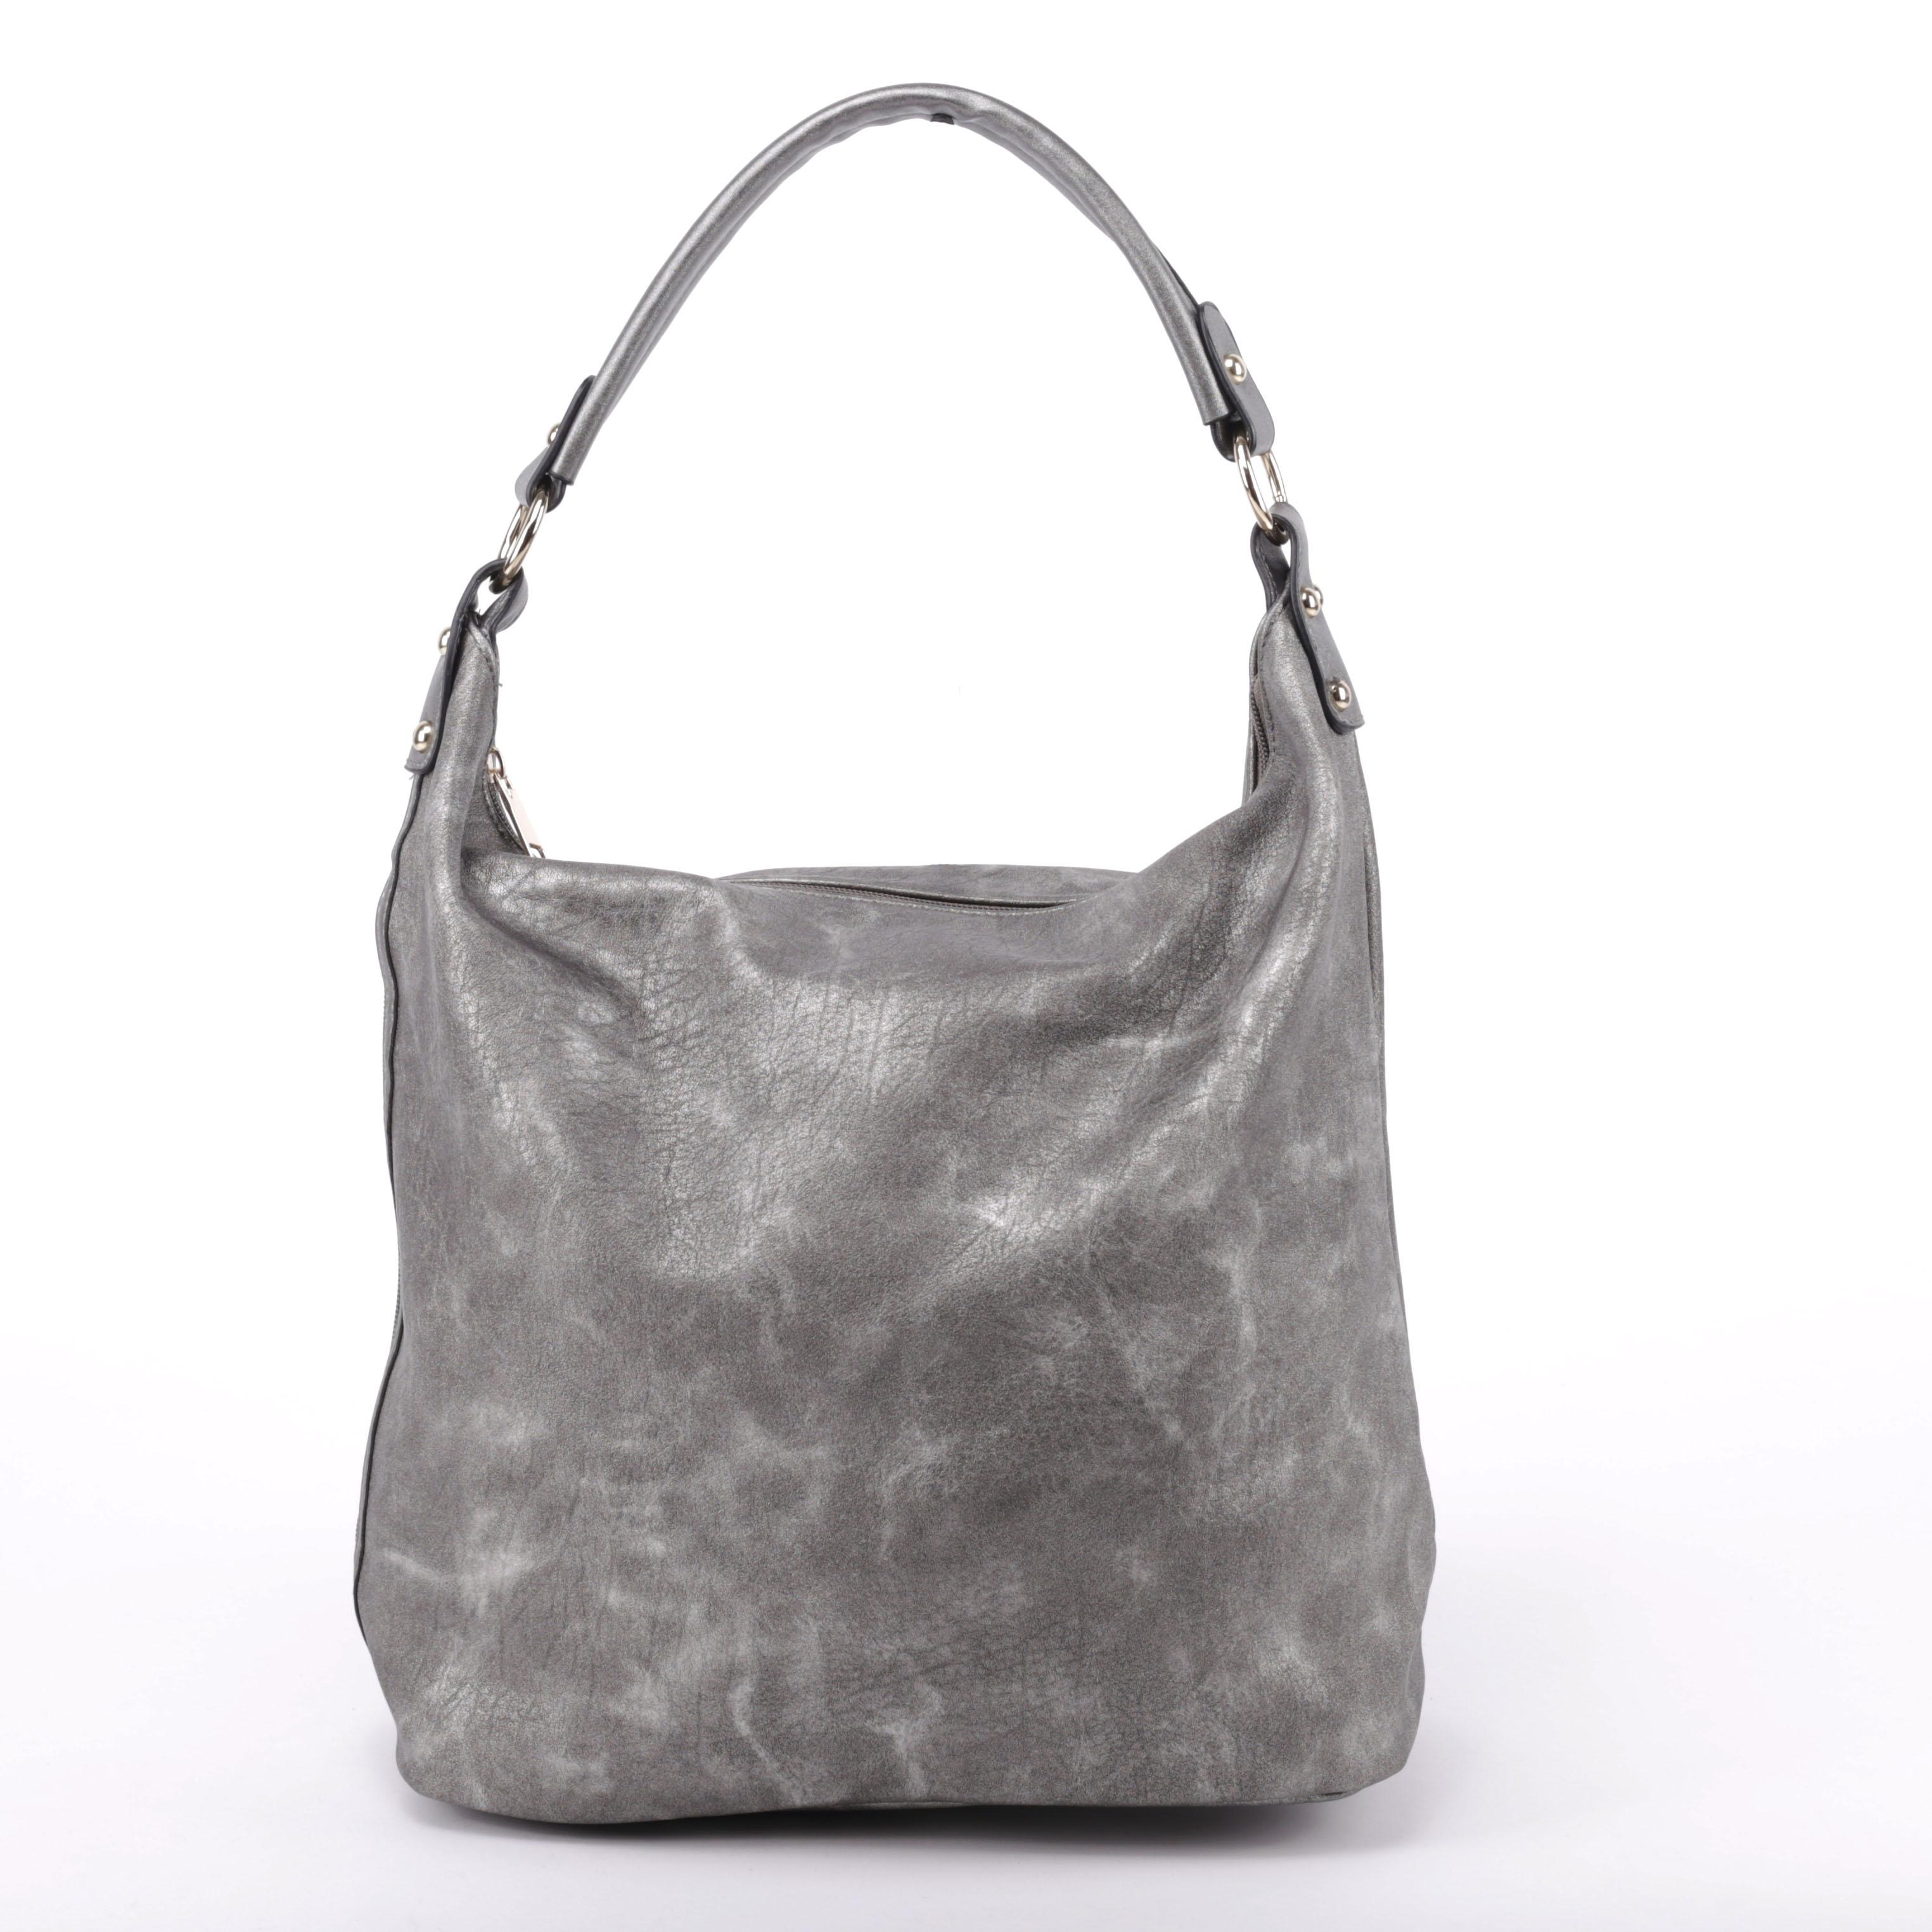 Besty Női Ezüst Műbőr Táska - Válltáskák - Táska webáruház - Minőségi  táskák mindenkinek 29a70c0839